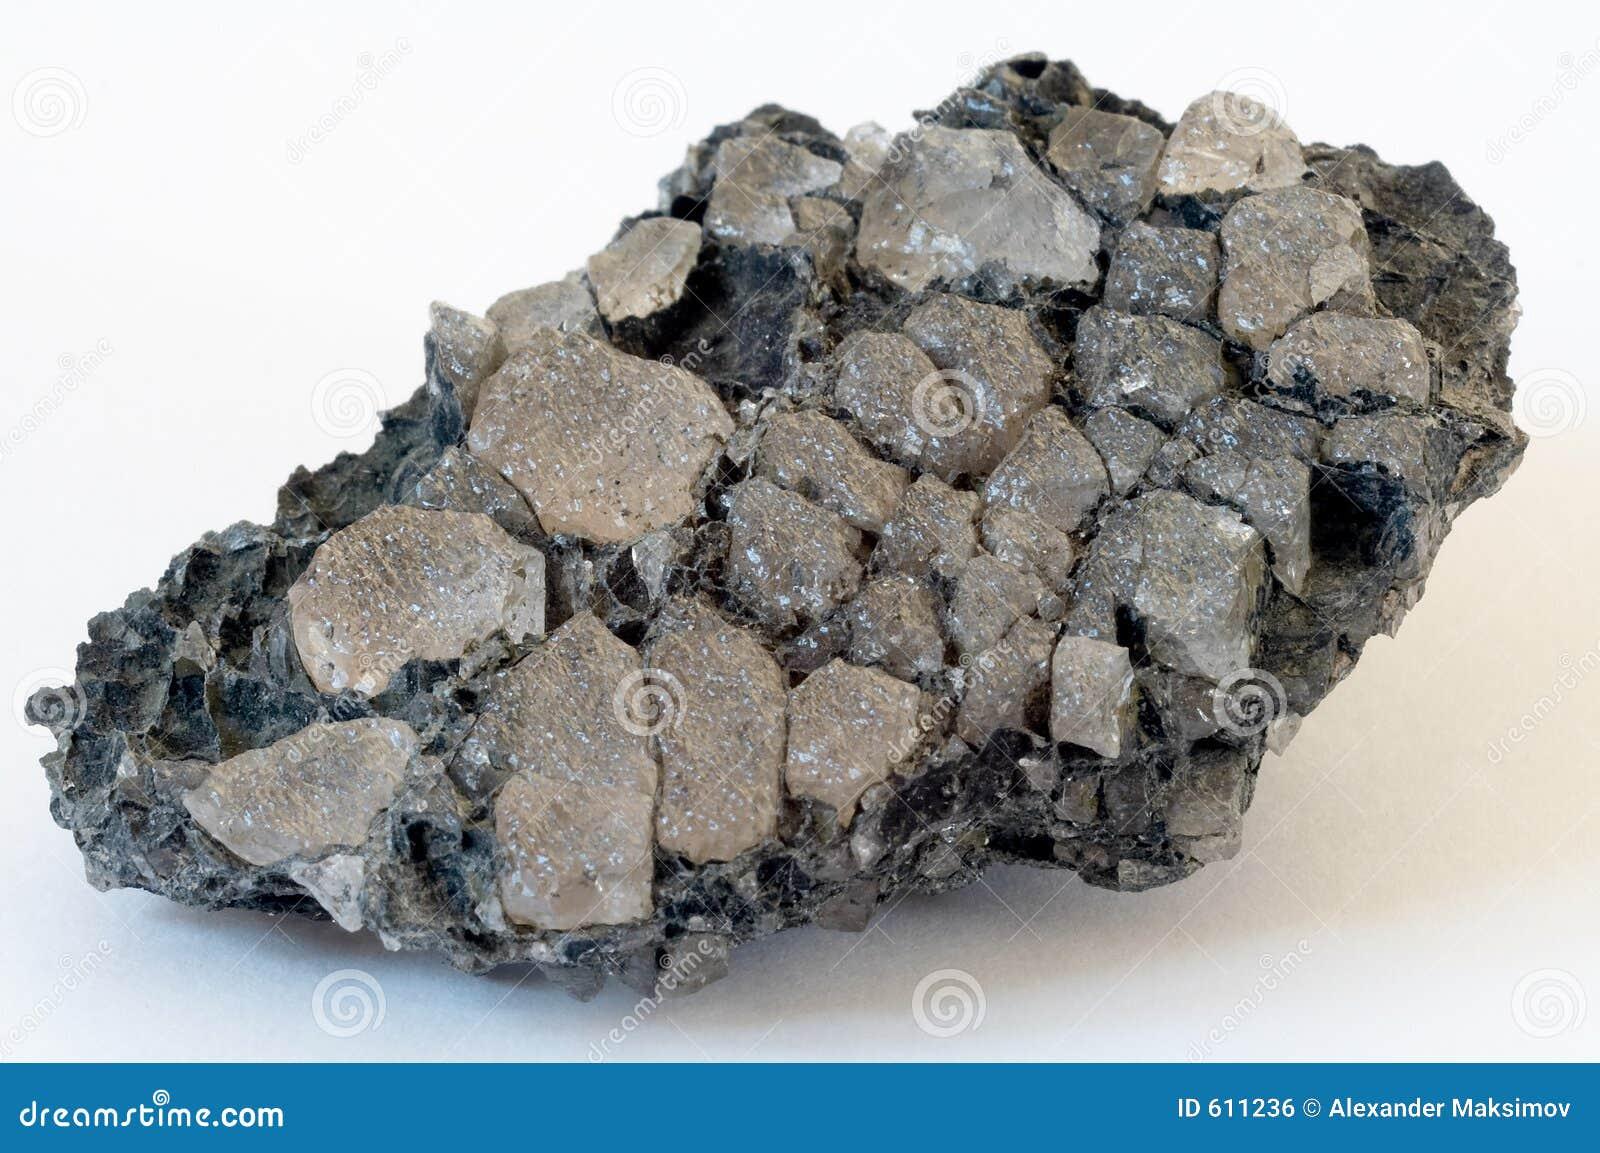 Kristallen van een topaas